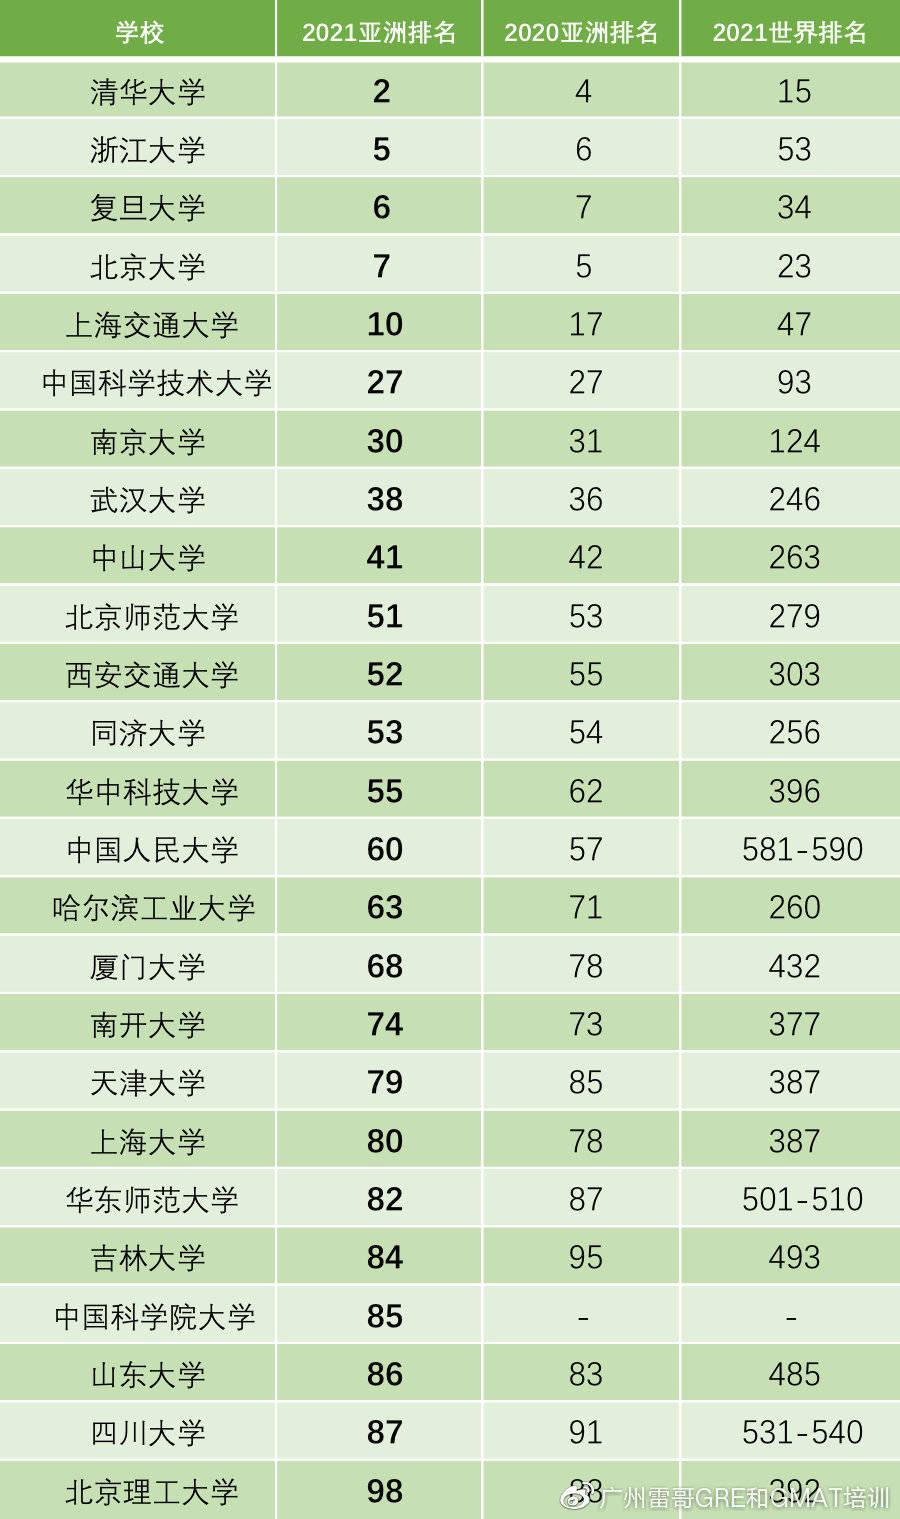 广州大学排名_广州的大学排名一览表